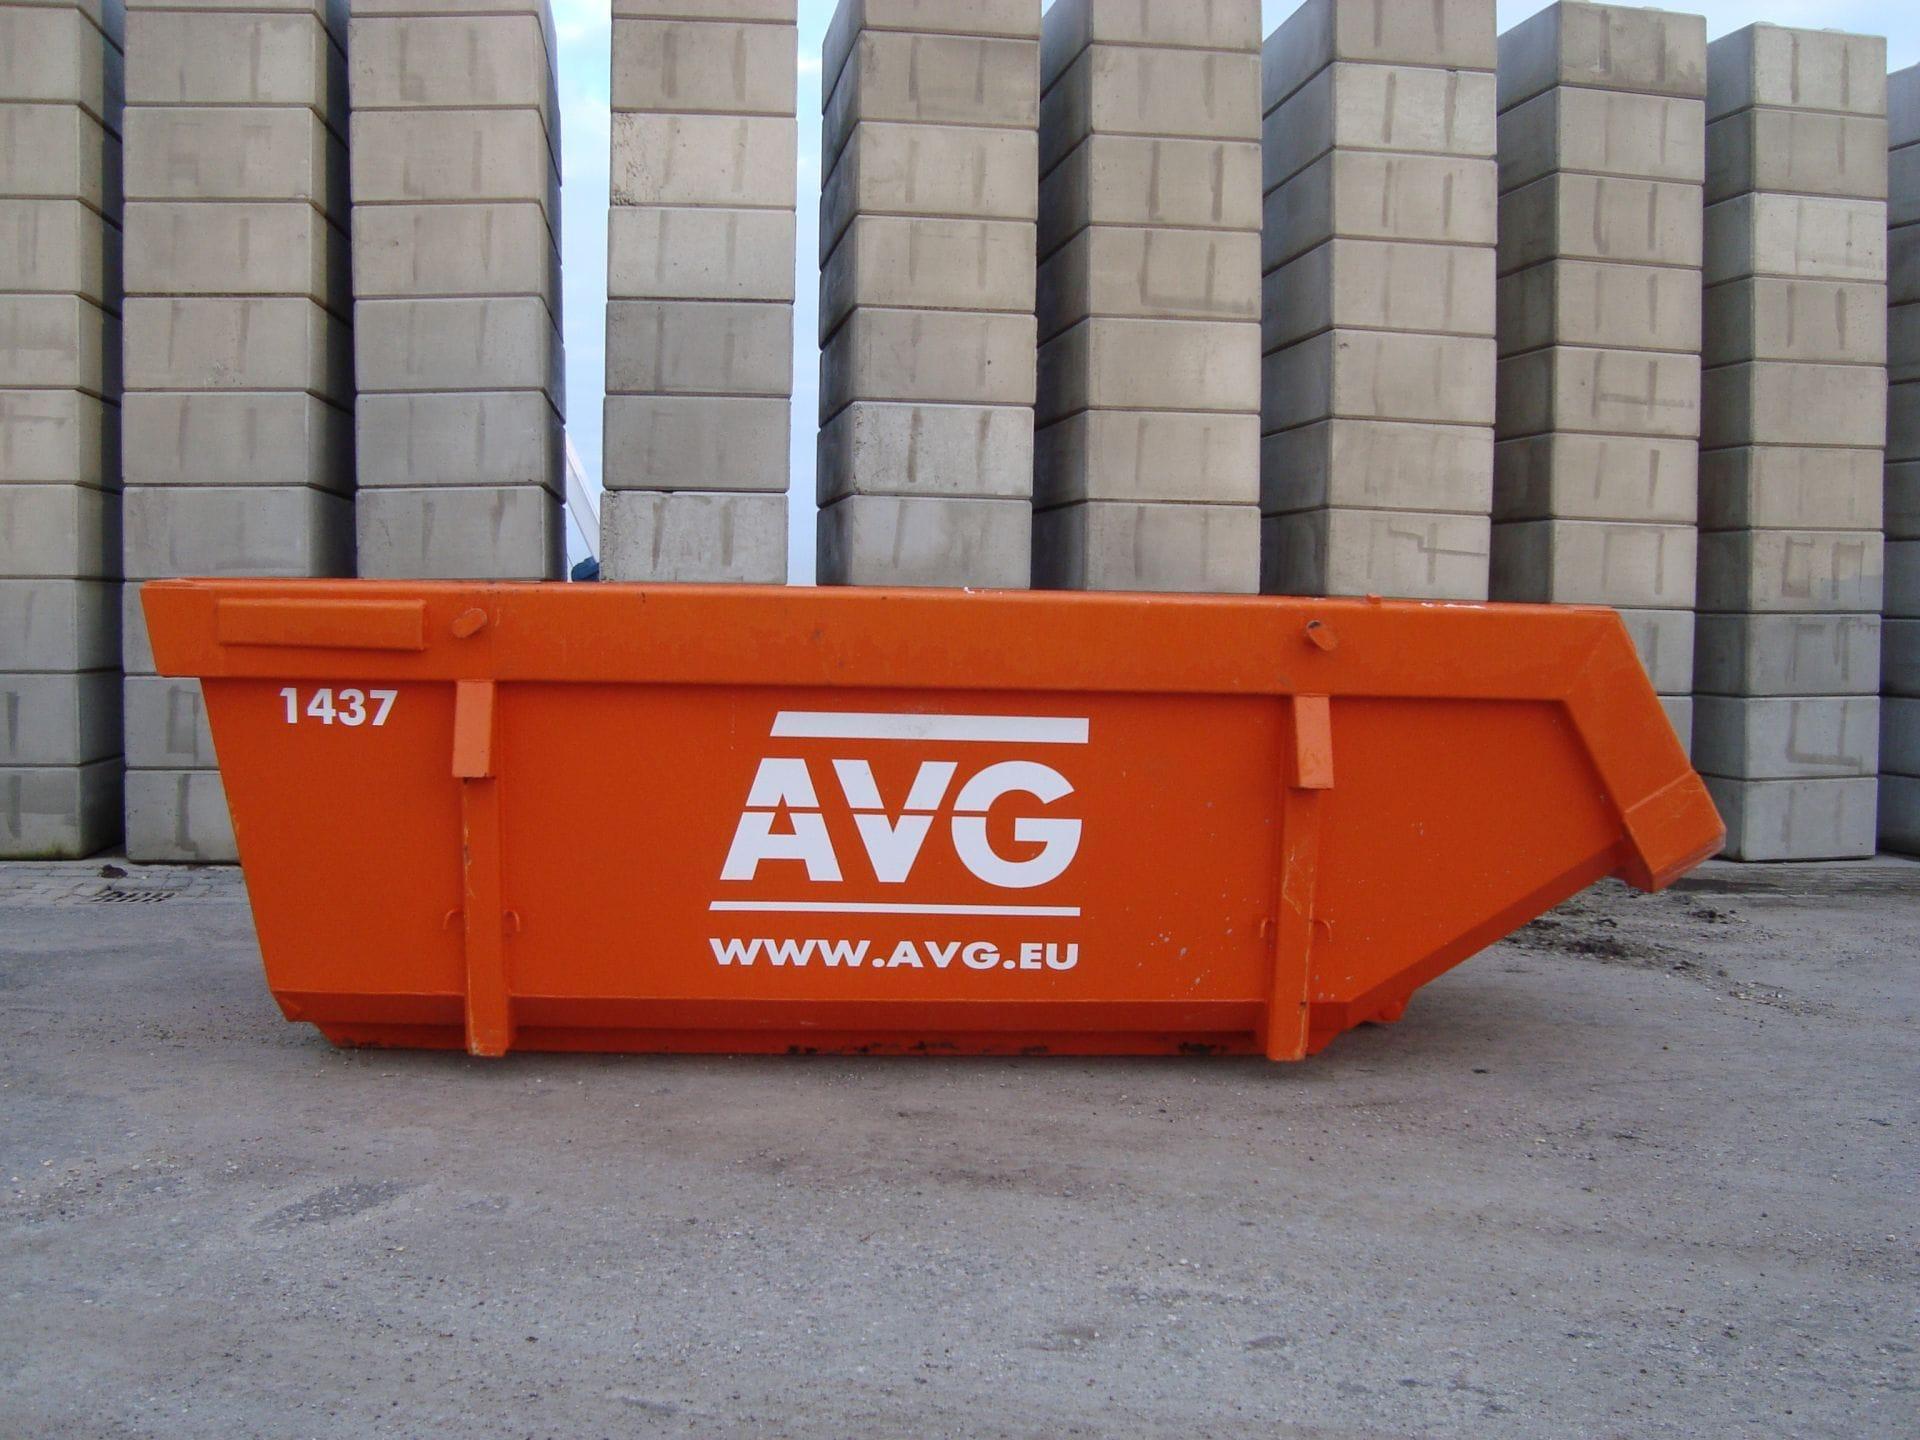 Kleine container te huur bij AVG. AVG verhuurt allerlei afvalcontainers, zoals bouwbakkie, puincontainer, afval container, bouwafval container, container voor grond afvoeren, vuilcontainer, grofvuil container, bouwcontainer, containerbak, afzetcontainer, grond container, container voor puin afvoeren en andere open en gesloten containers met verschillende kuub inhoud.